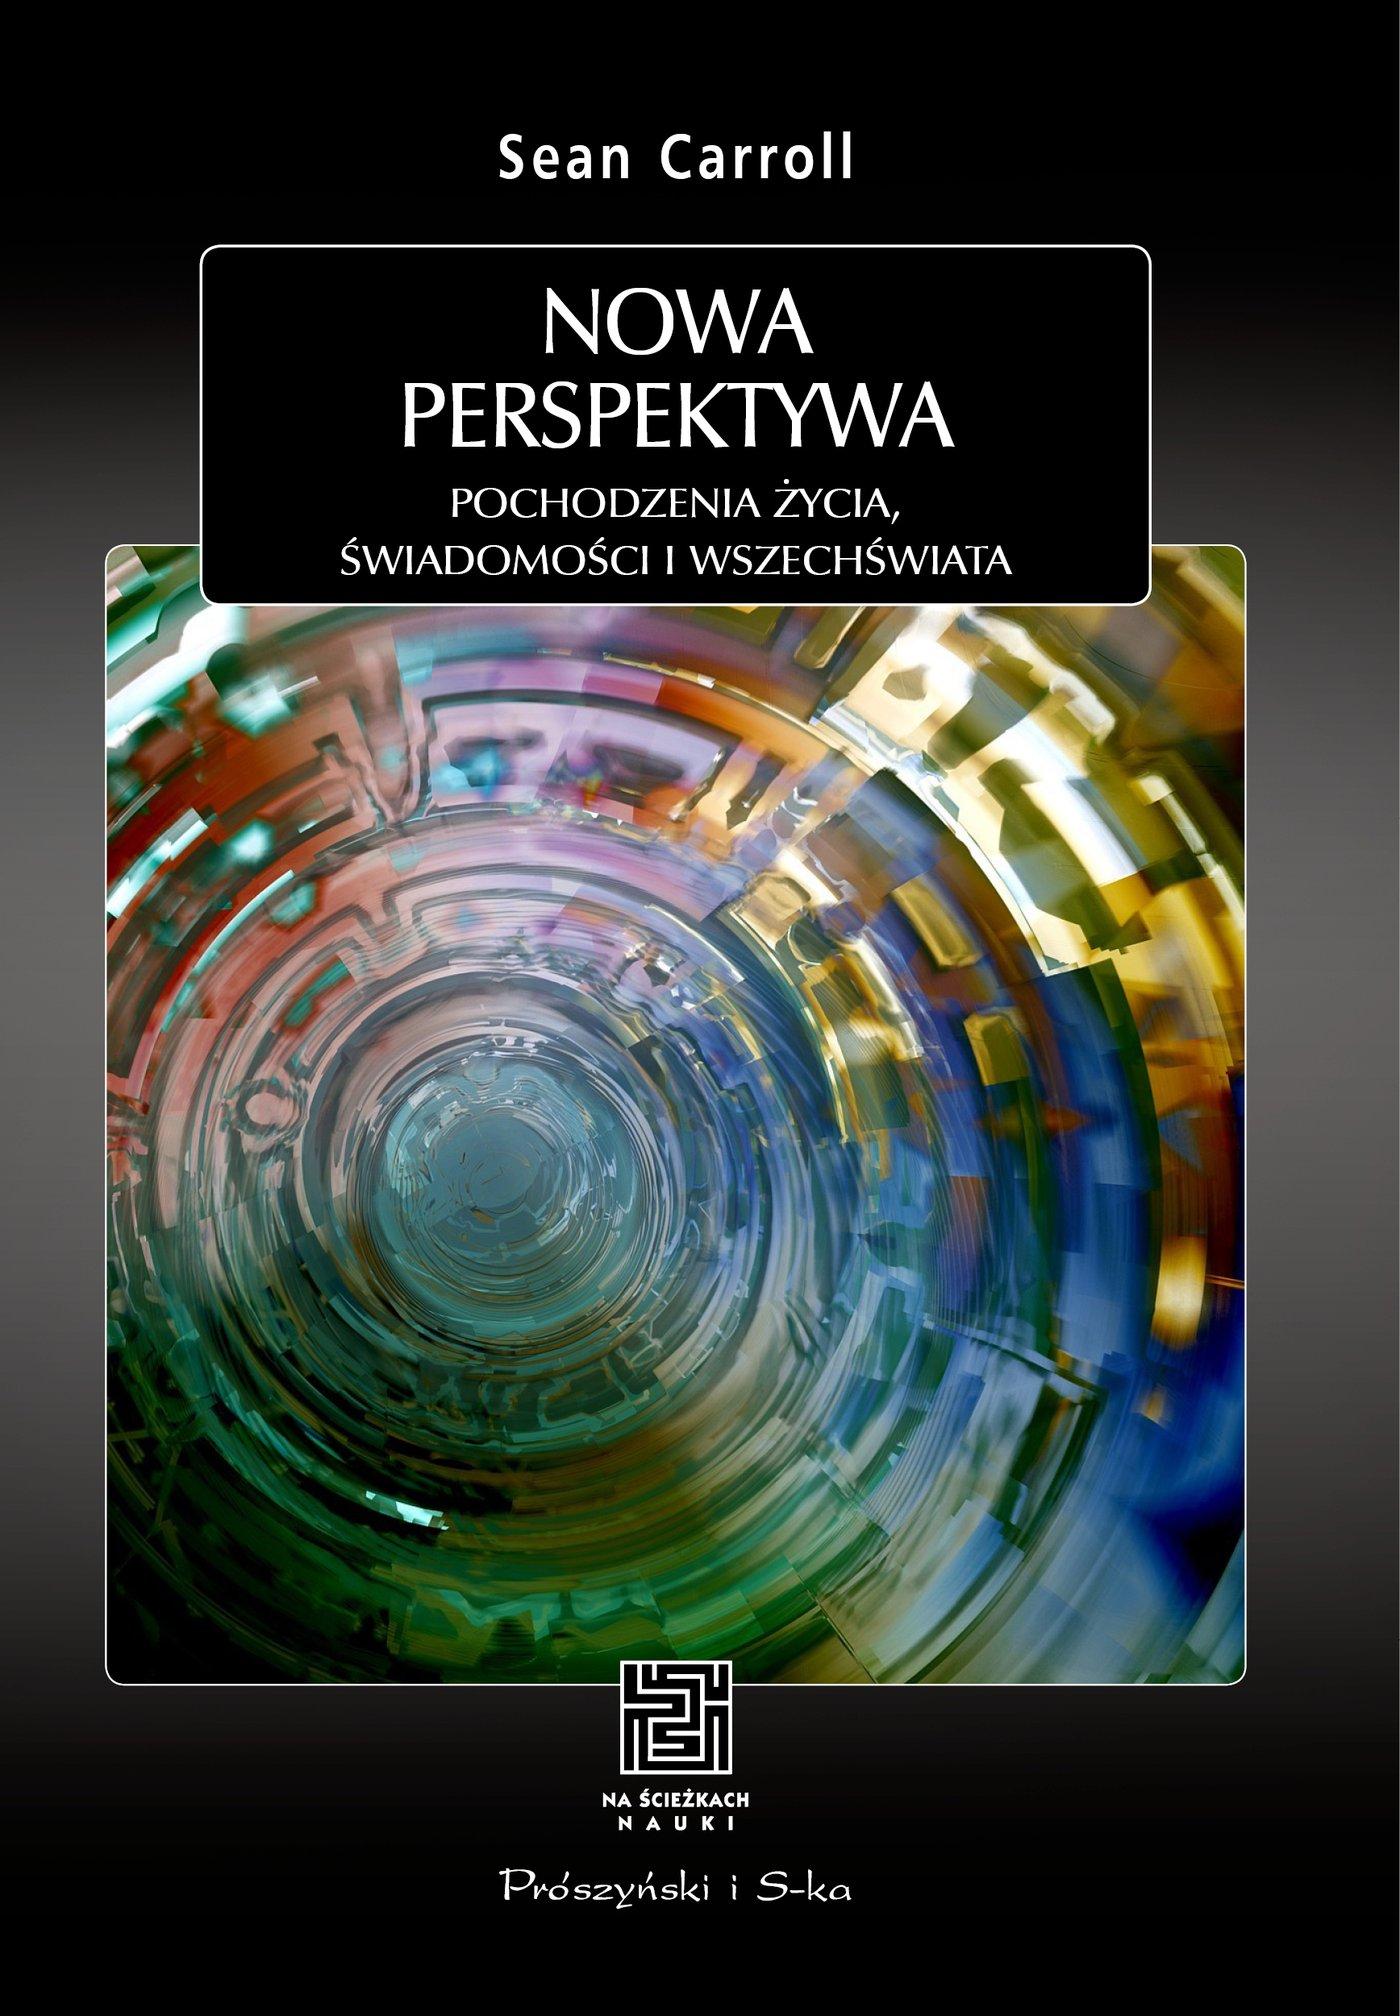 Nowa perspektywa - Ebook (Książka EPUB) do pobrania w formacie EPUB